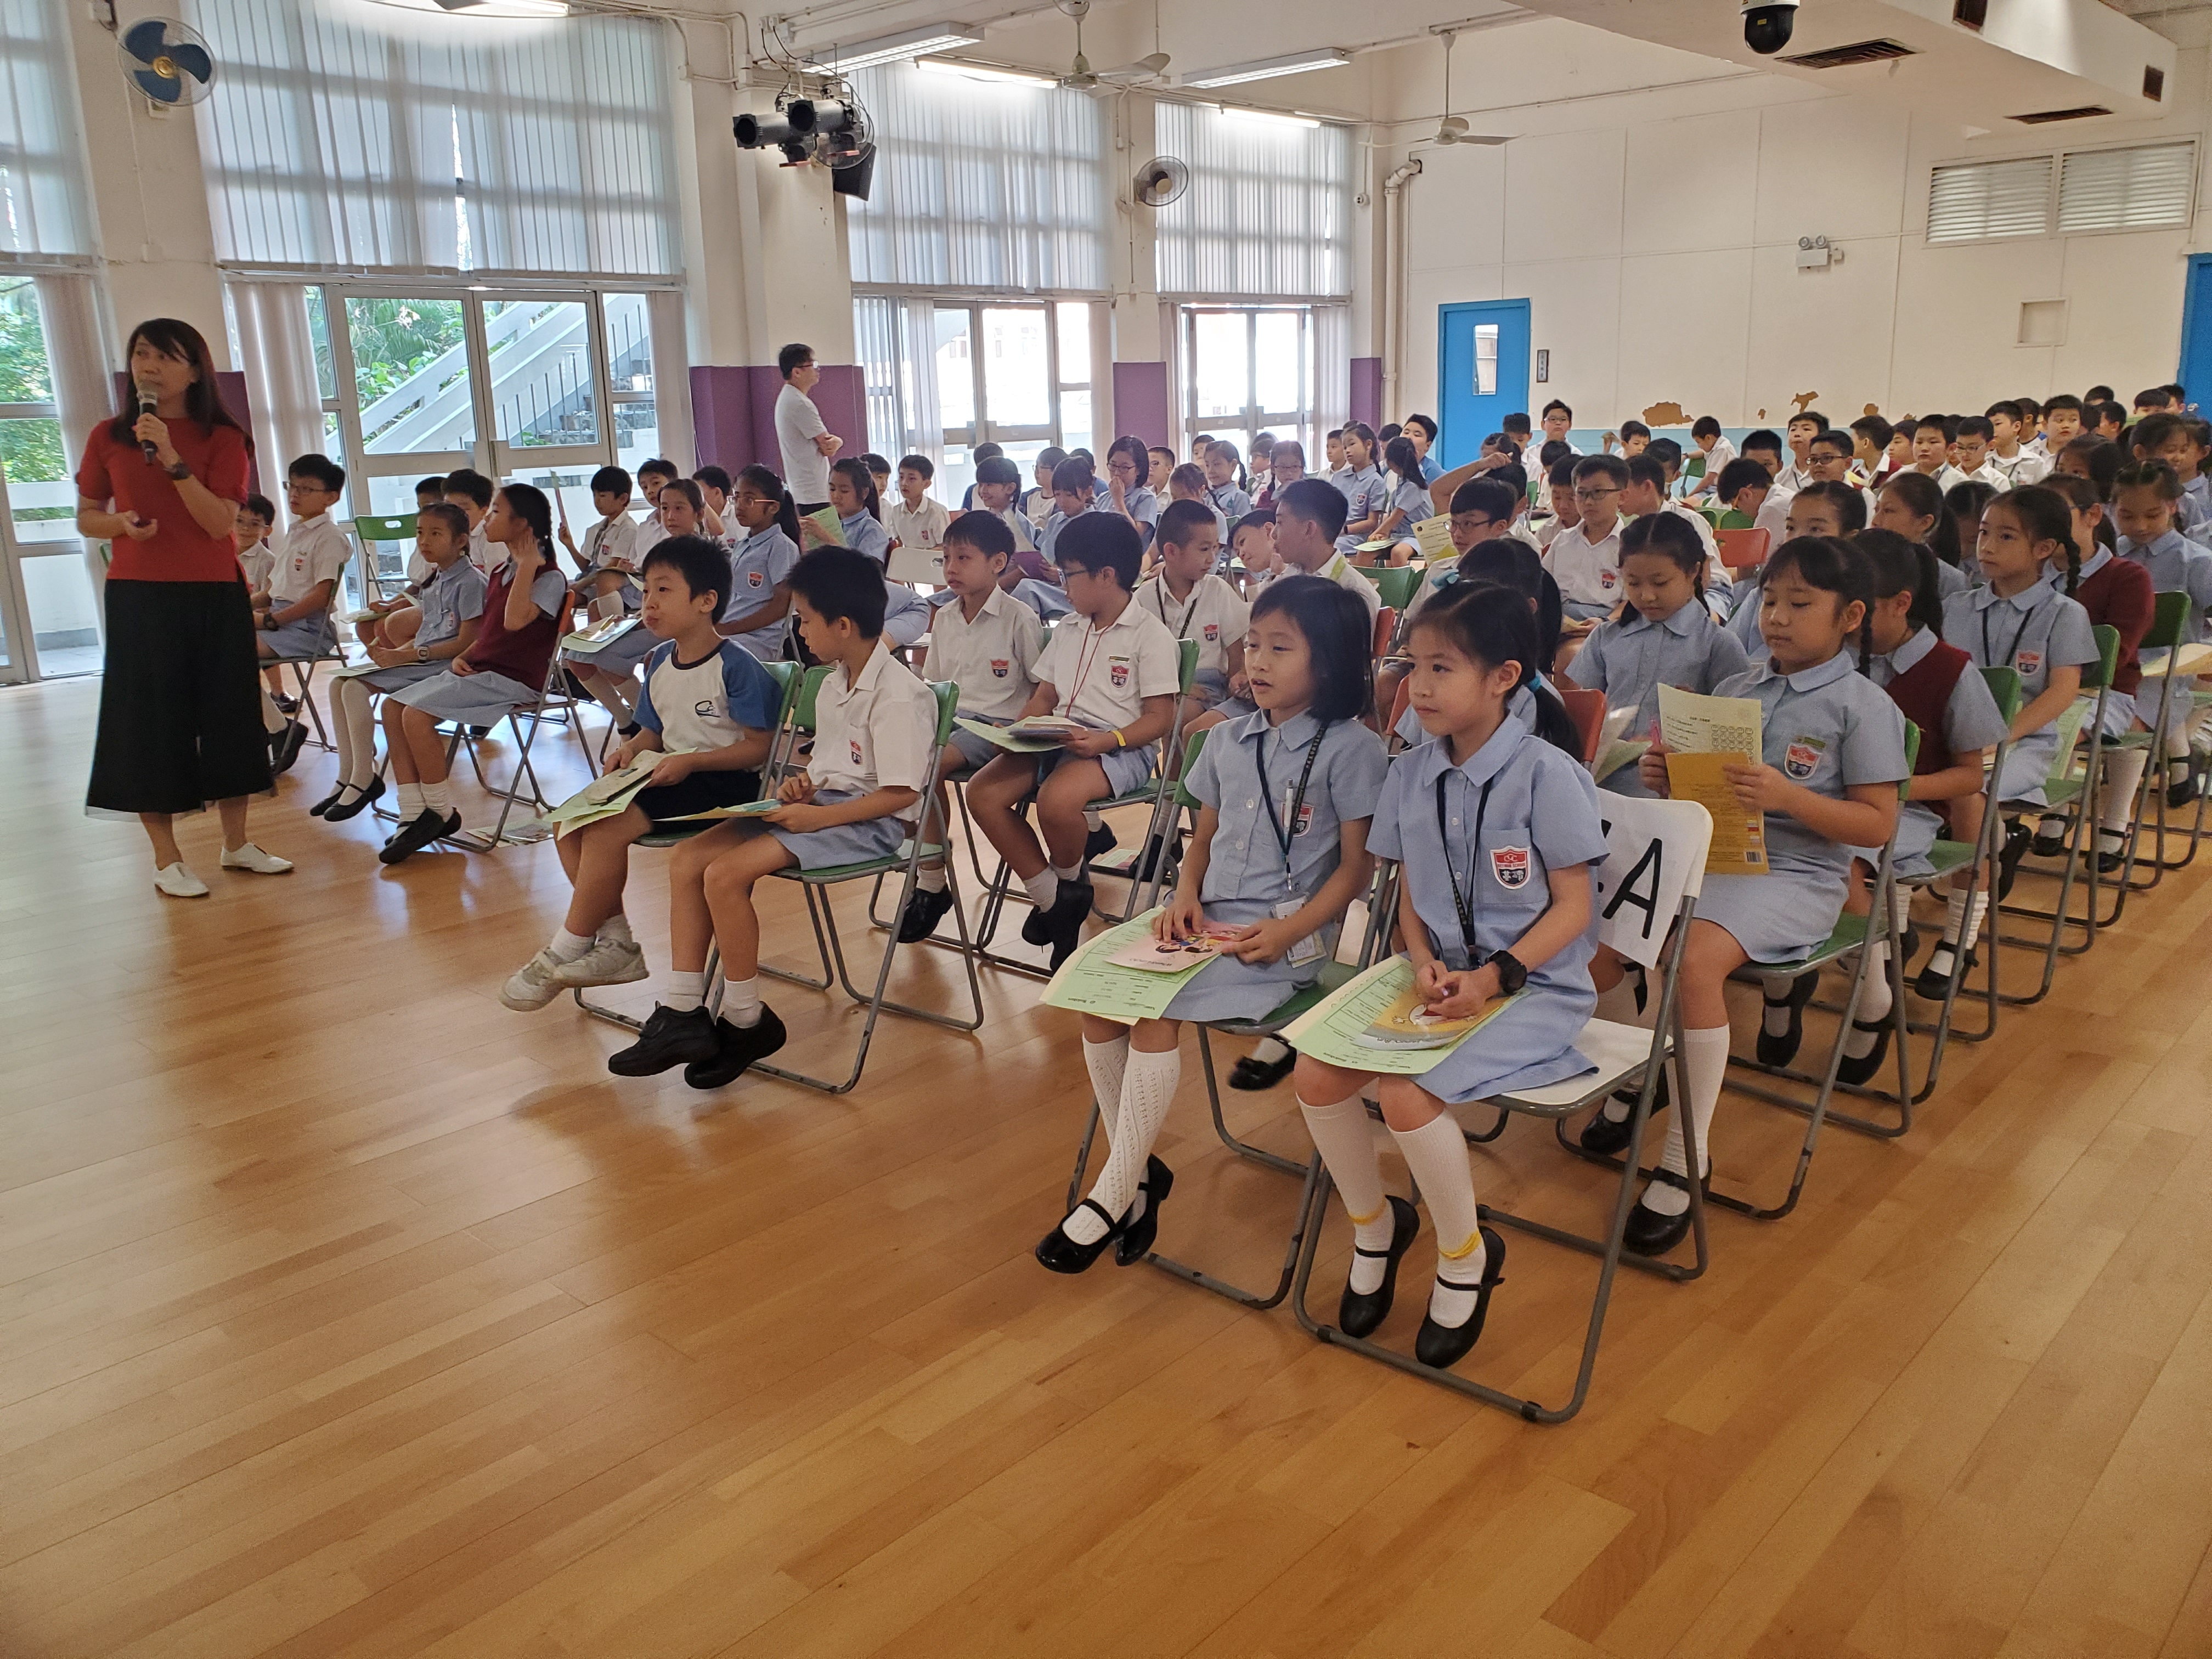 http://www.keiwan.edu.hk/sites/default/files/20191016_131340.jpg